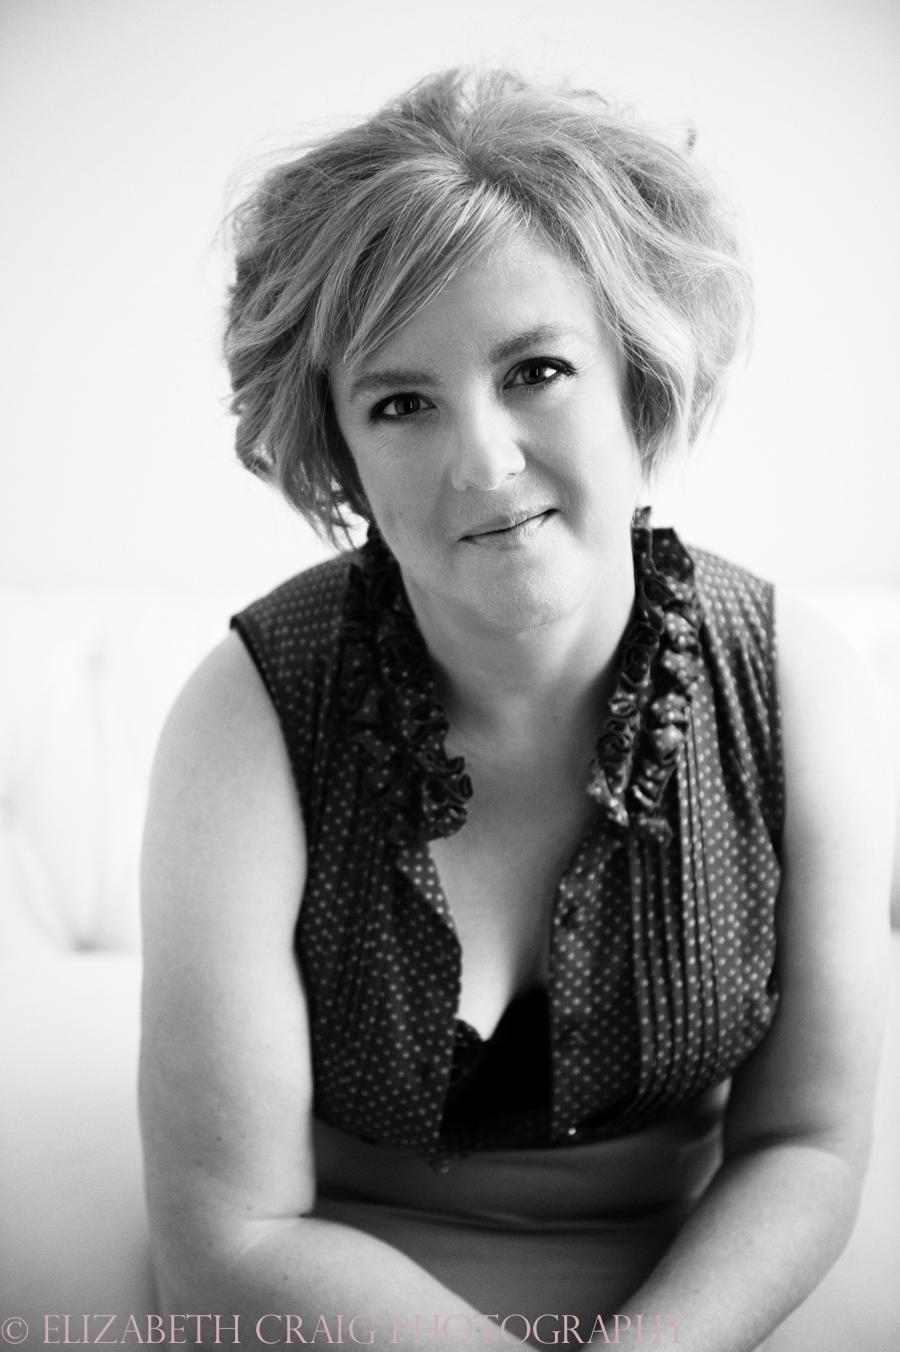 Beauty Fashion Photography | Elizabeth Craig Photography-7